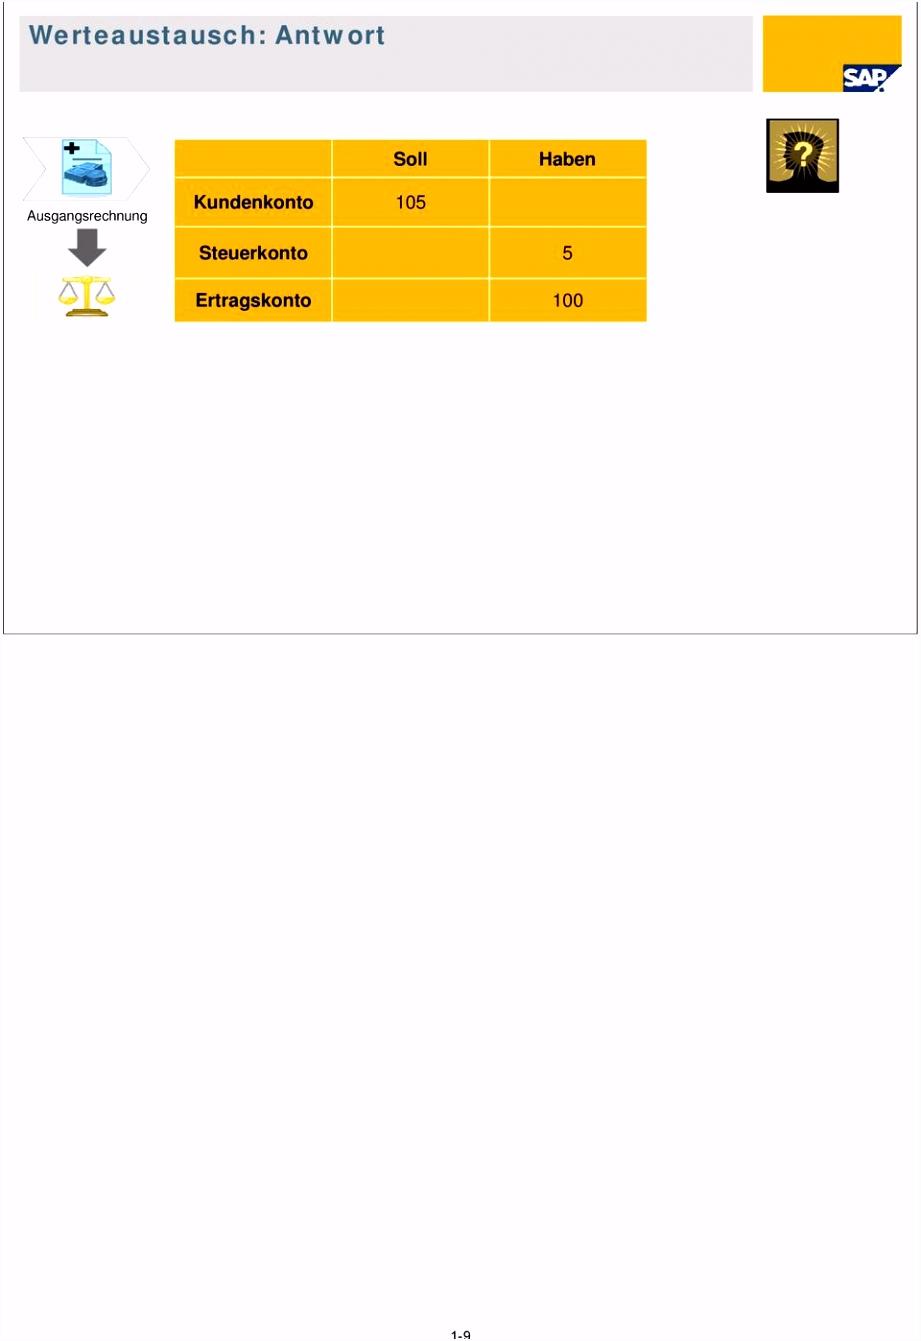 Schulungsdokumentation Vorlage Tb1100 Sap Business E Buchhaltung Kursnummer Und Kurstitel H2rk54bkq7 Thjbvmuhzs